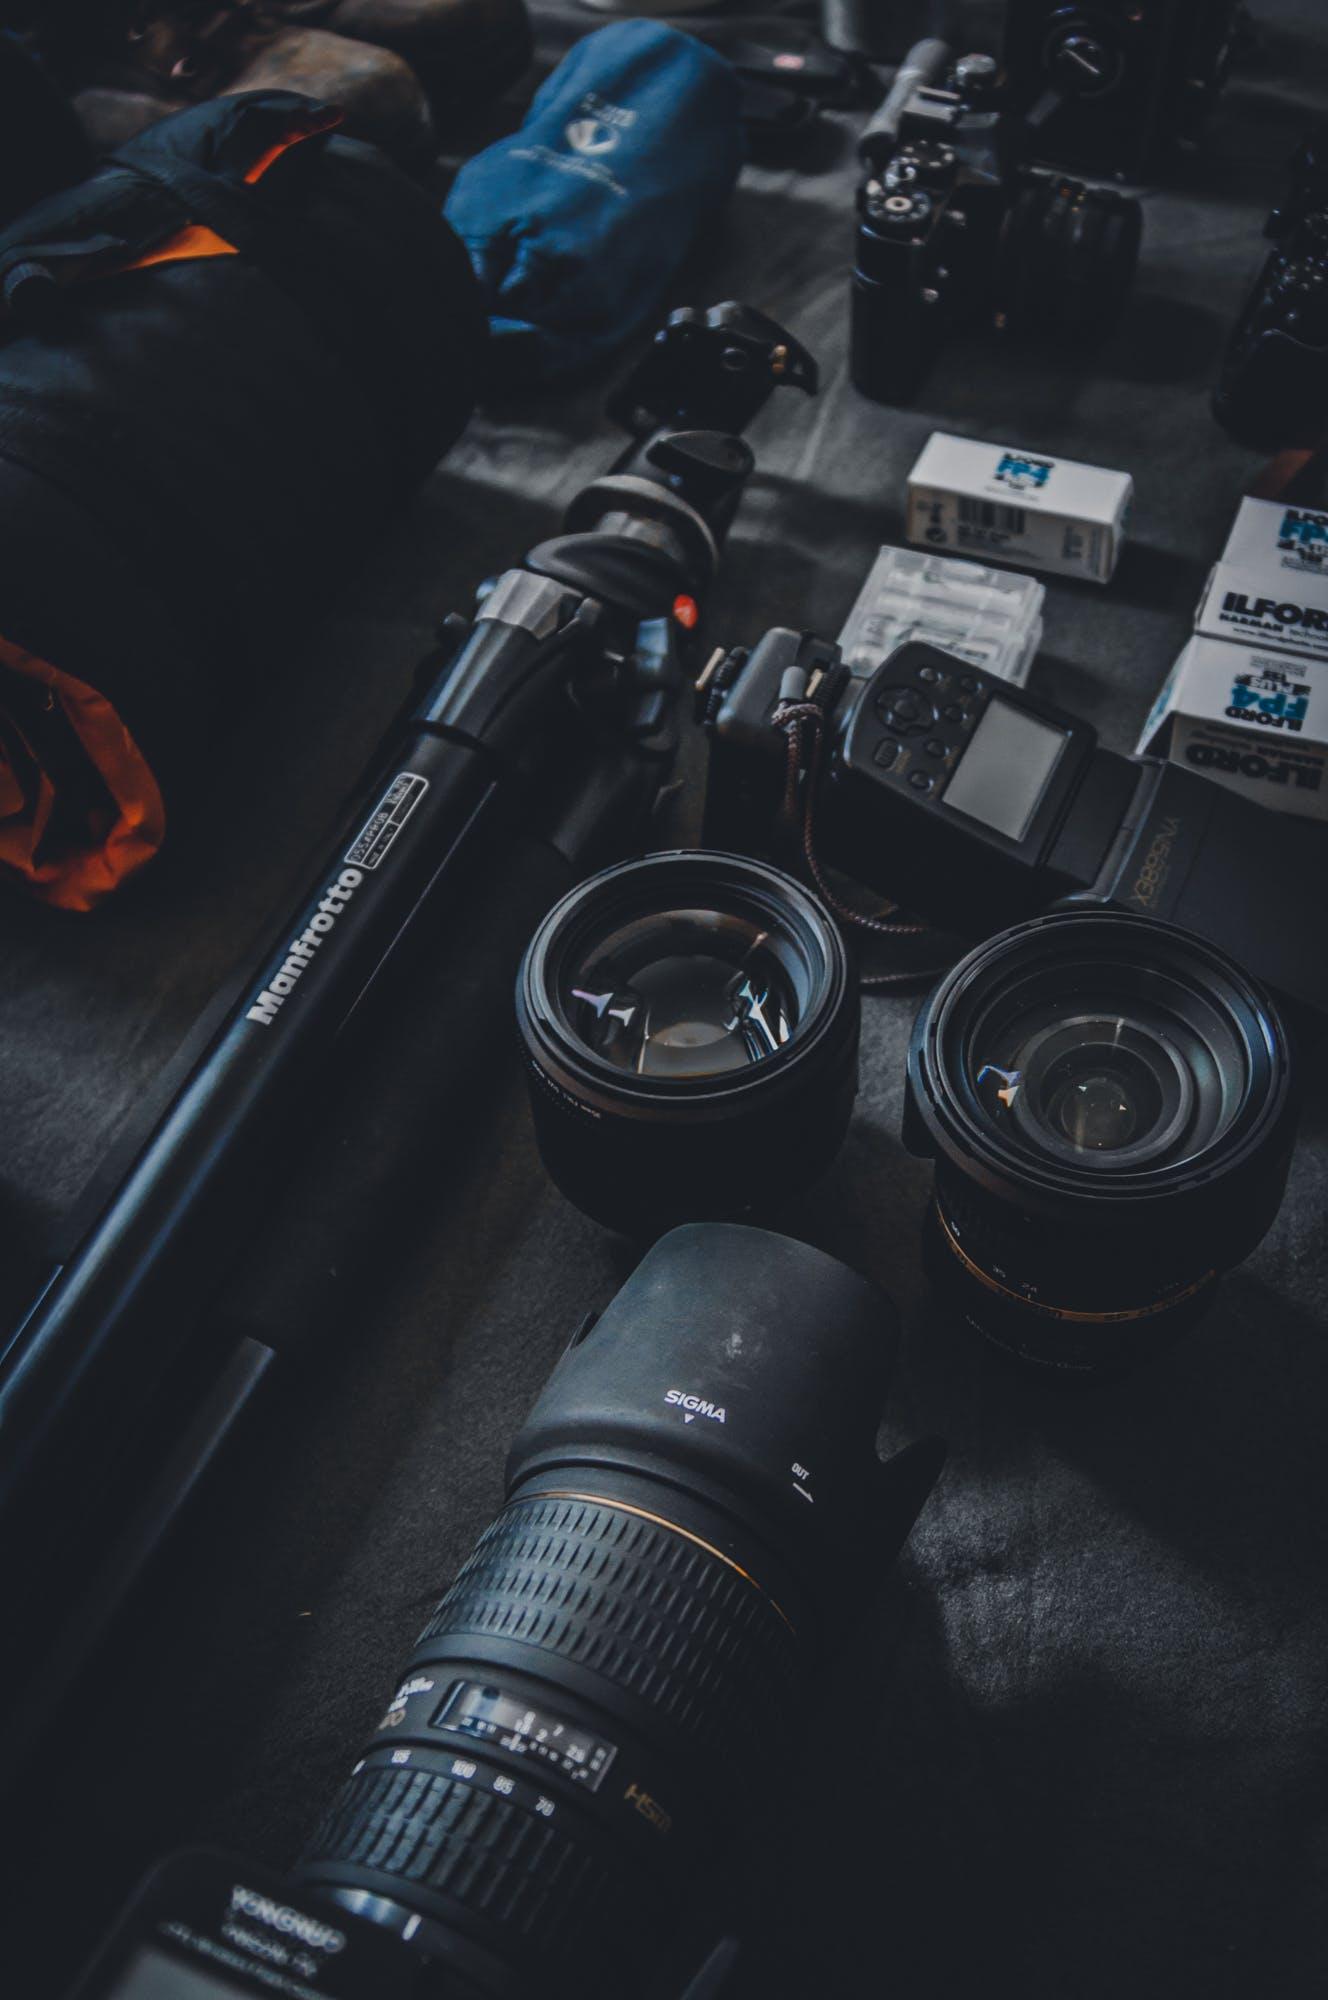 Kostenloses Stock Foto zu ausrüstung, film, fotografie, gerät